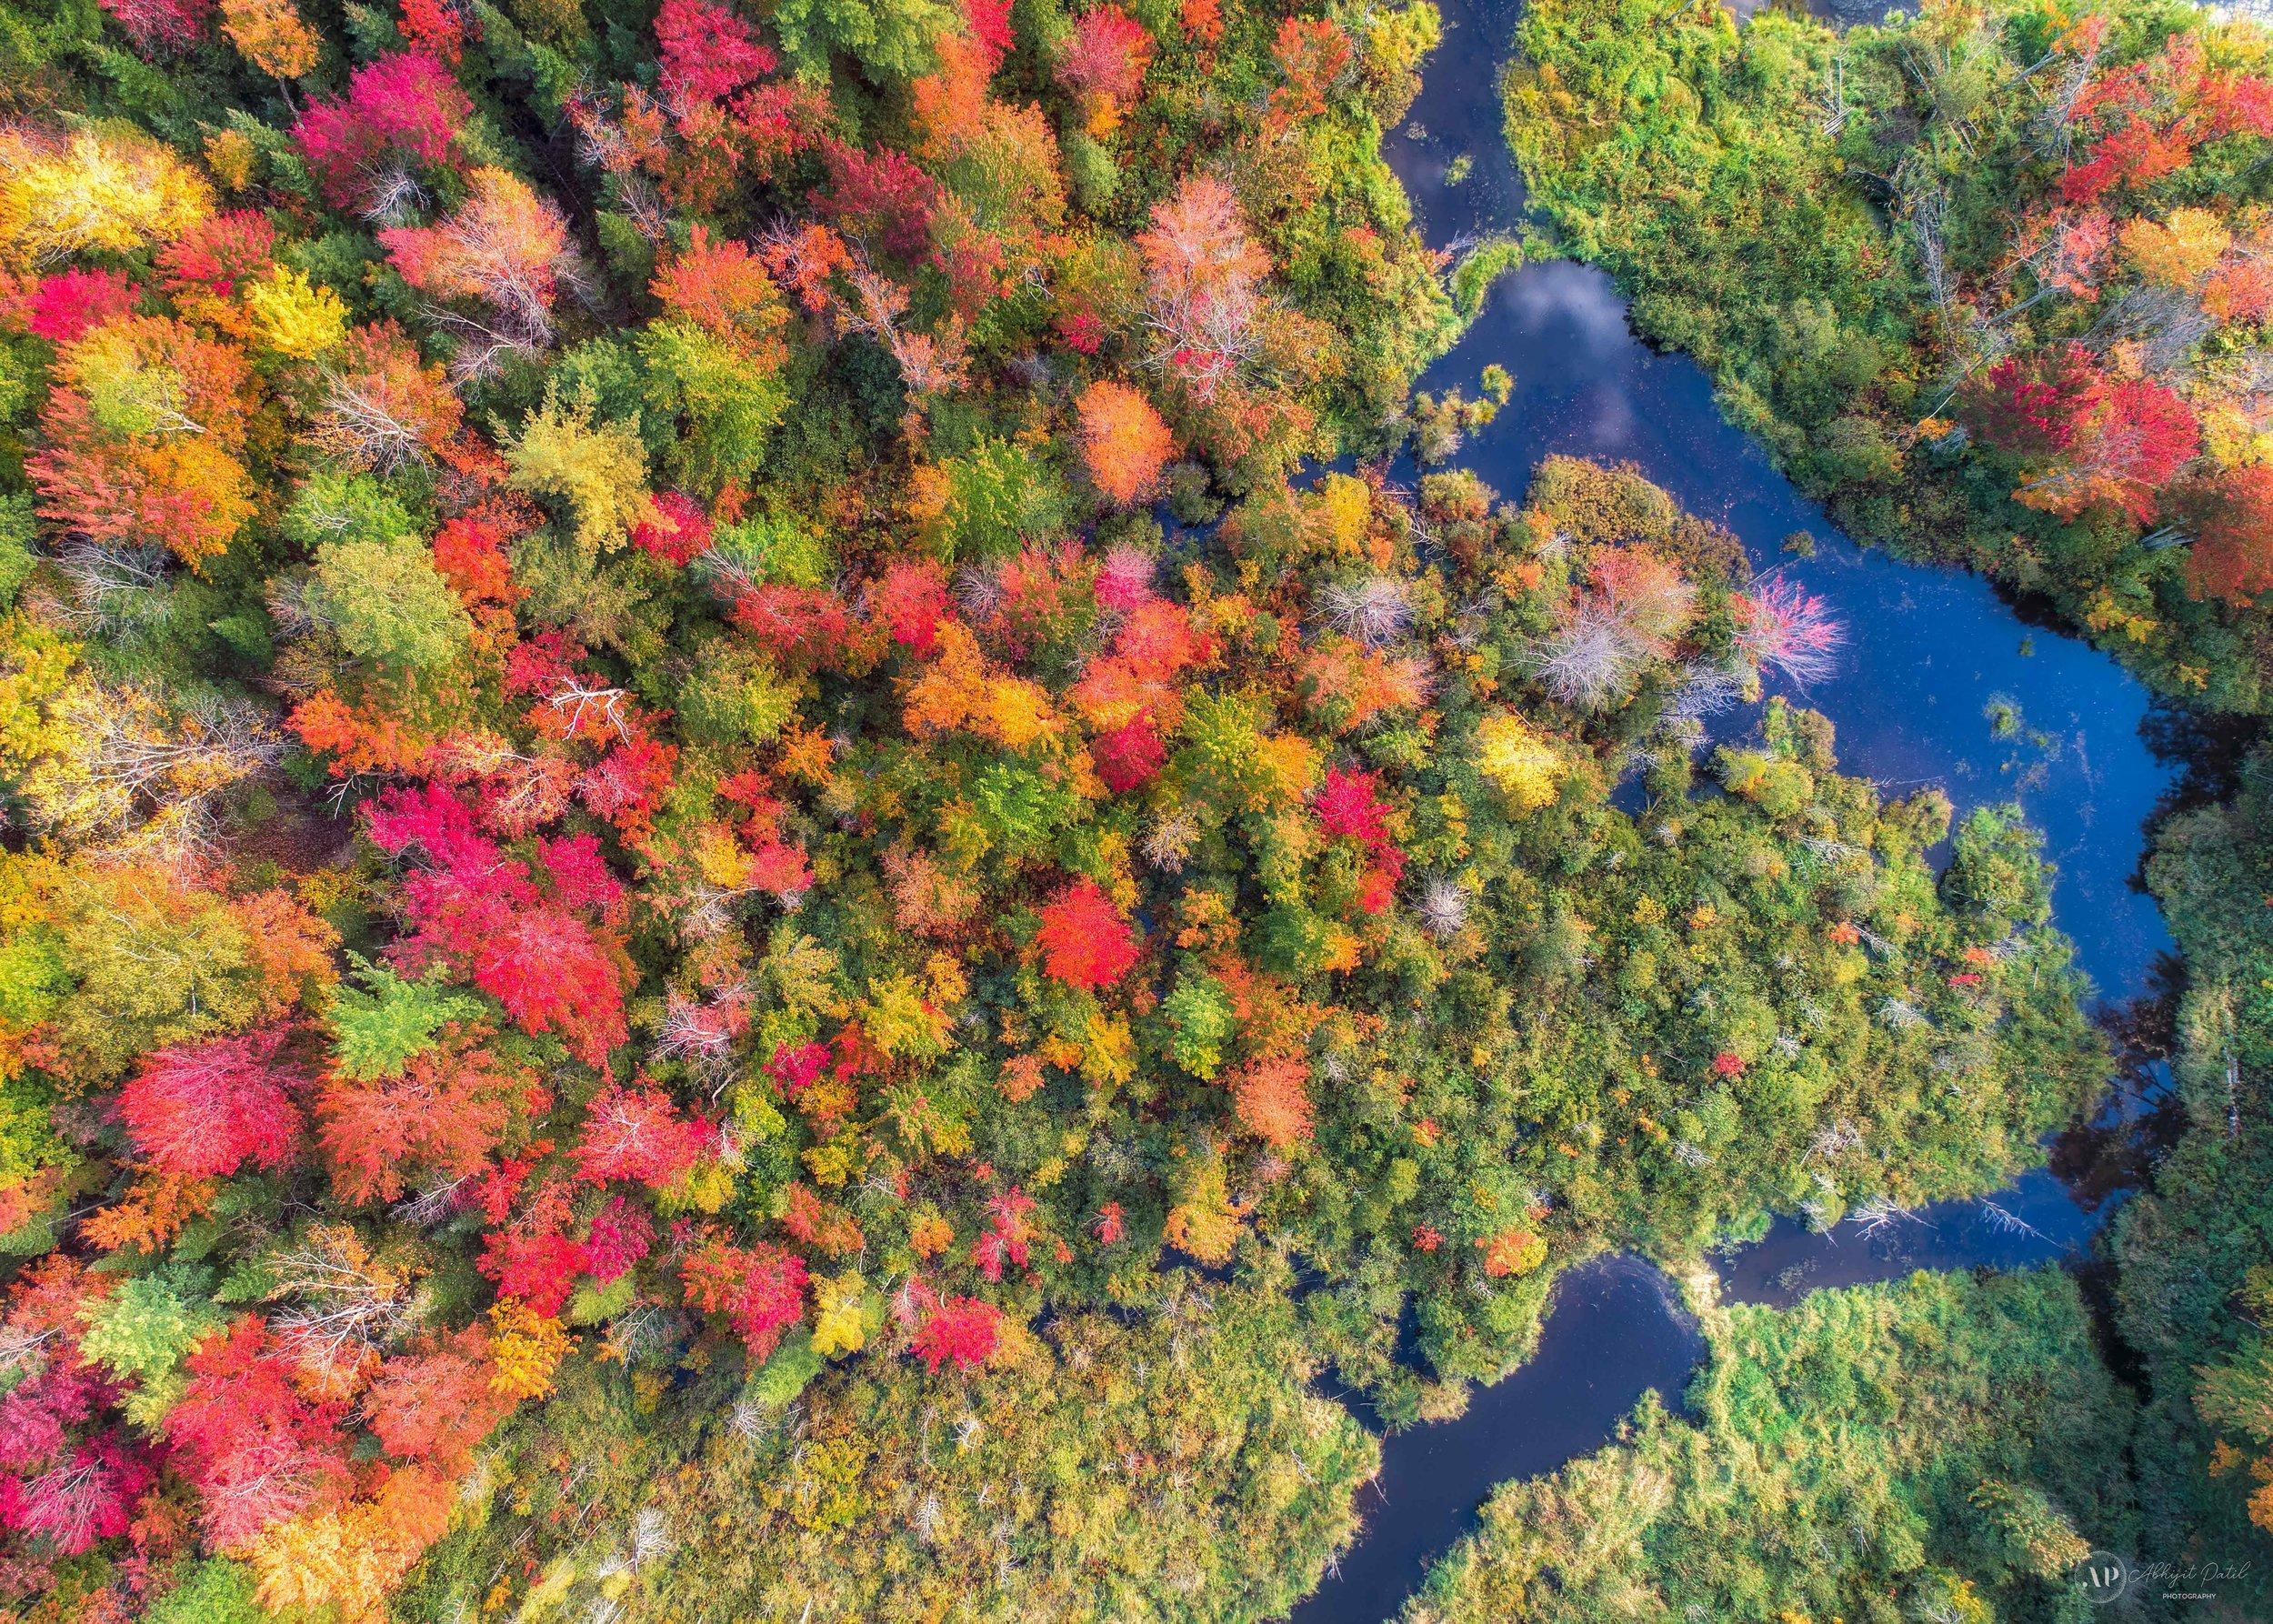 Vermont_1_09_29_2019.jpg